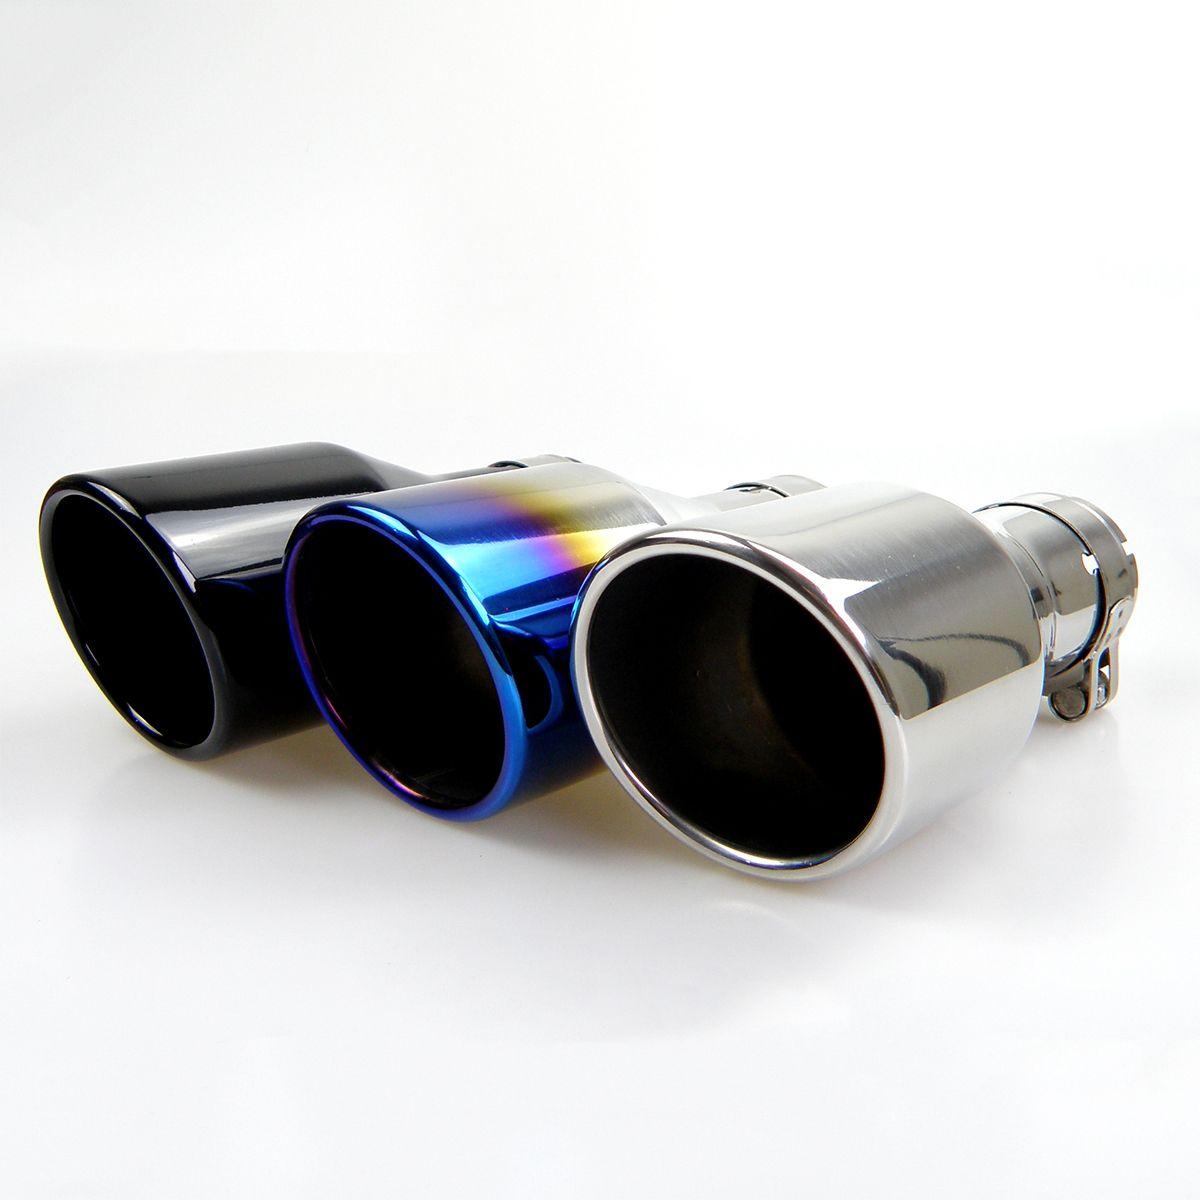 Kipalm السيارات العالمي ماسورة العادم الخمار تلميح الأزرق / أسود / فضي اللون مميل نهاية 304 51mm الفولاذ المقاوم للصدأ مدخل لزينة السيارات